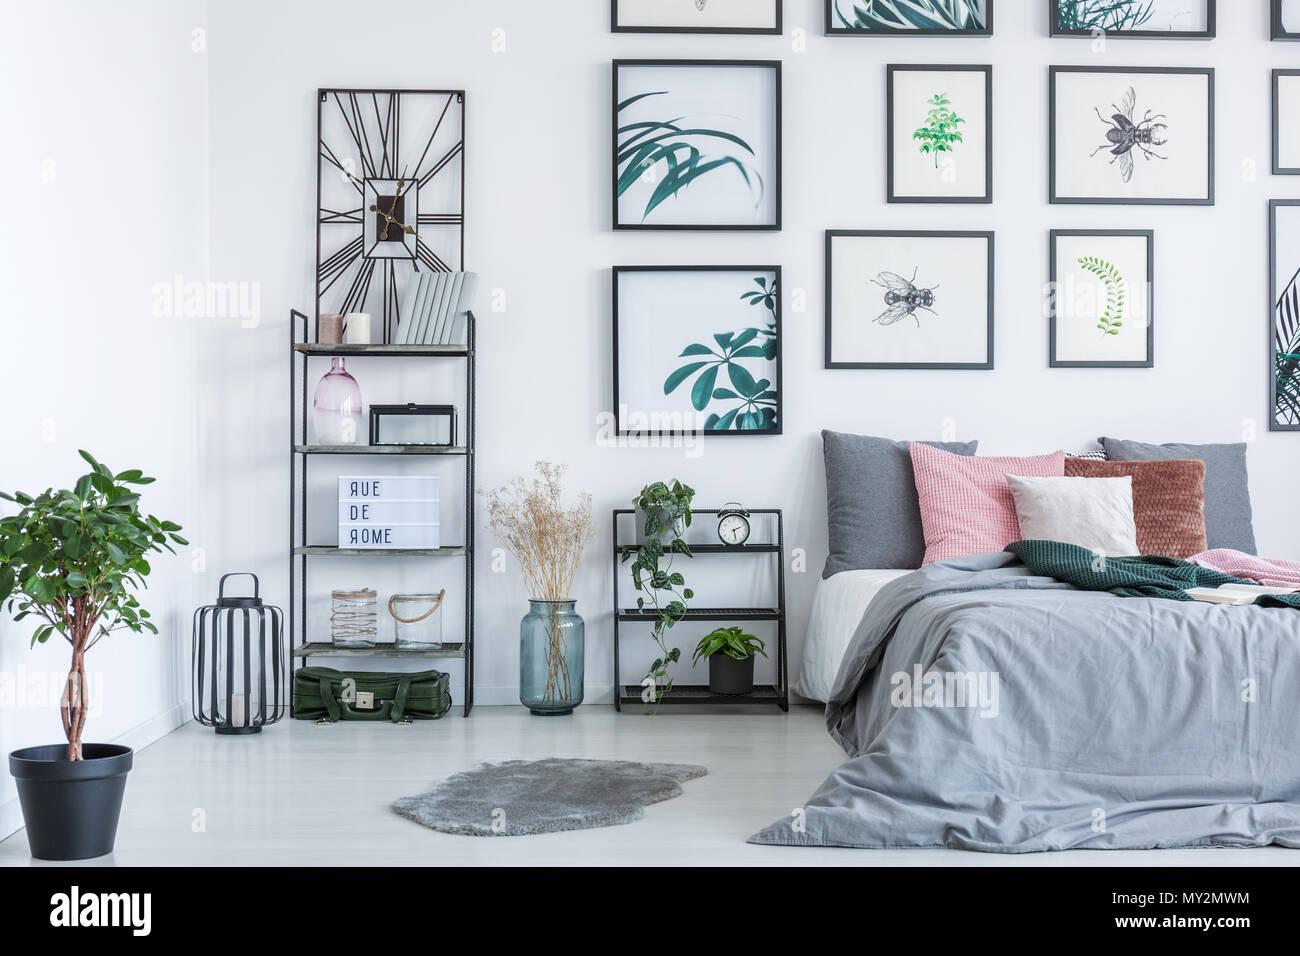 Foto reale di un letto in piedi accanto a ripiani con ornamenti e